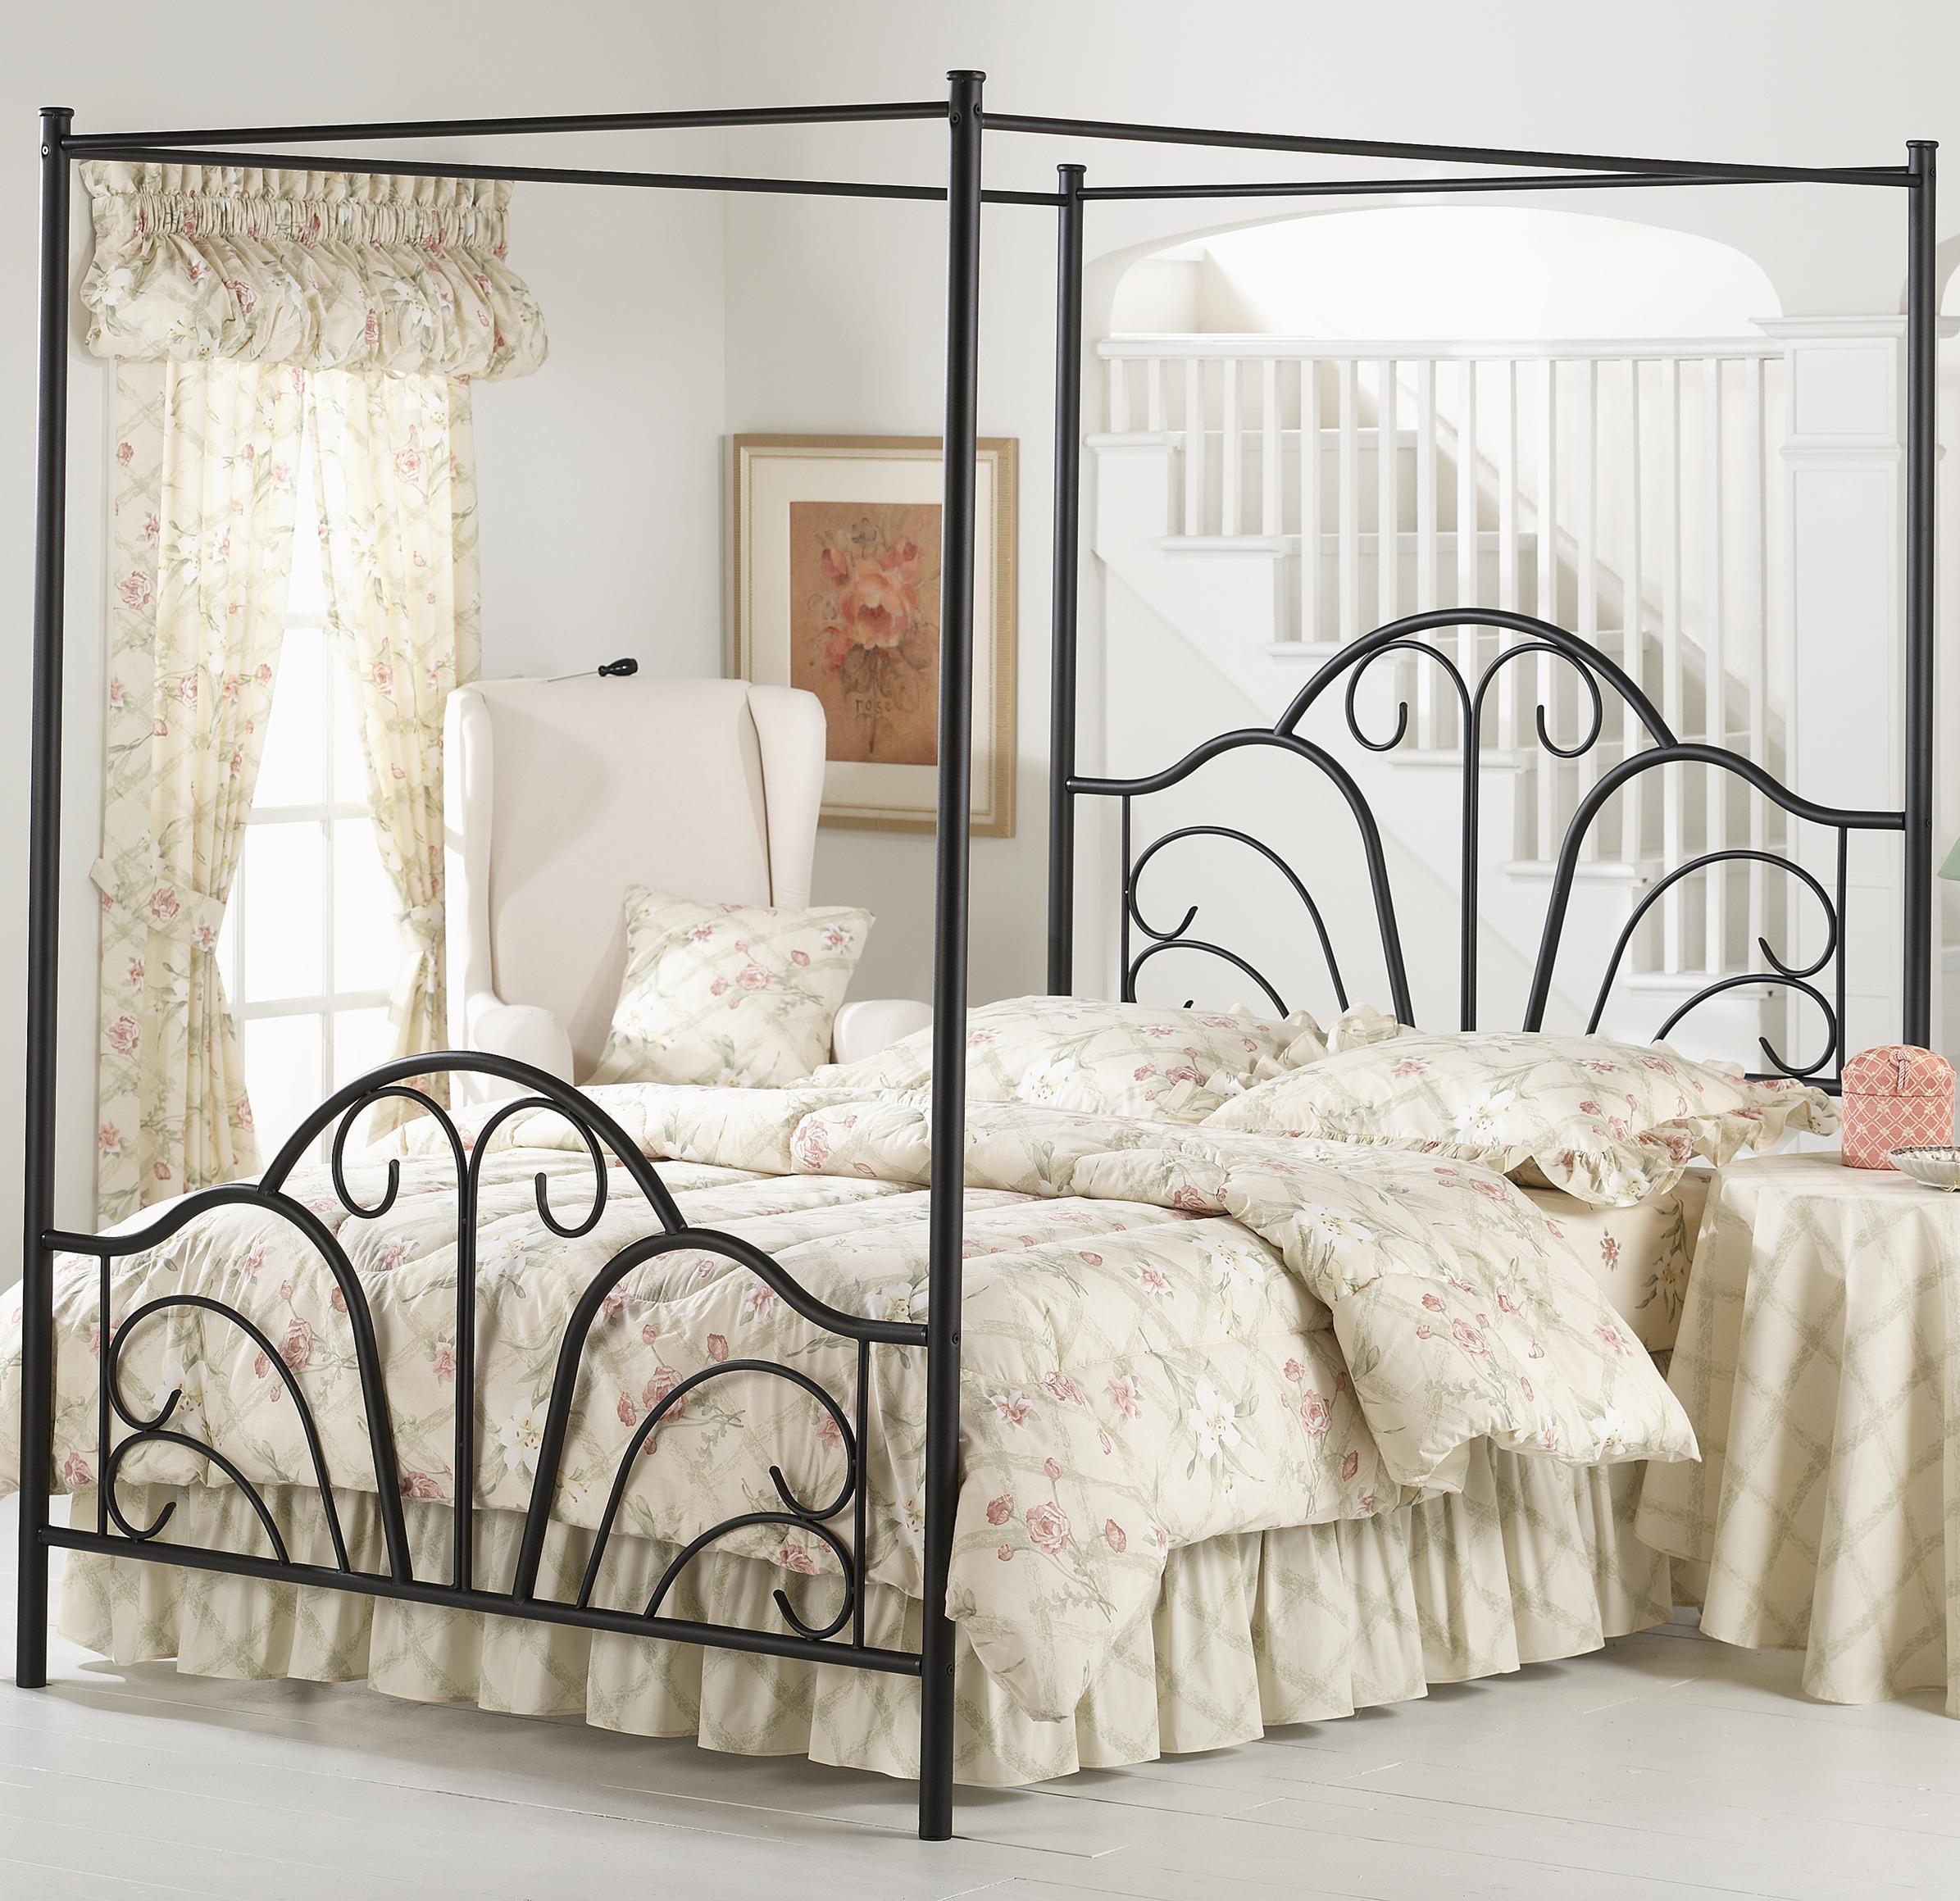 Hillsdale Metal Beds King Dover Bed - Item Number: 348BKPR